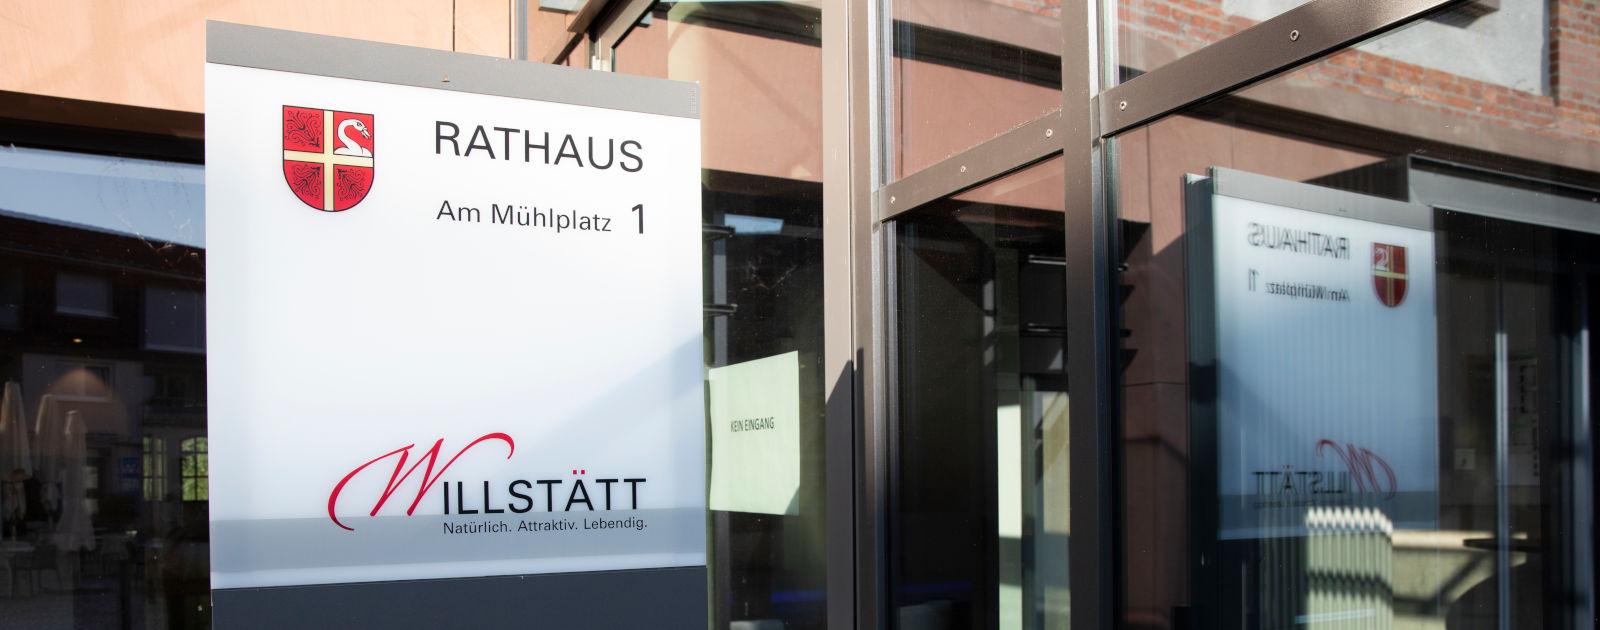 Briefkasten Rathaus Willstätt